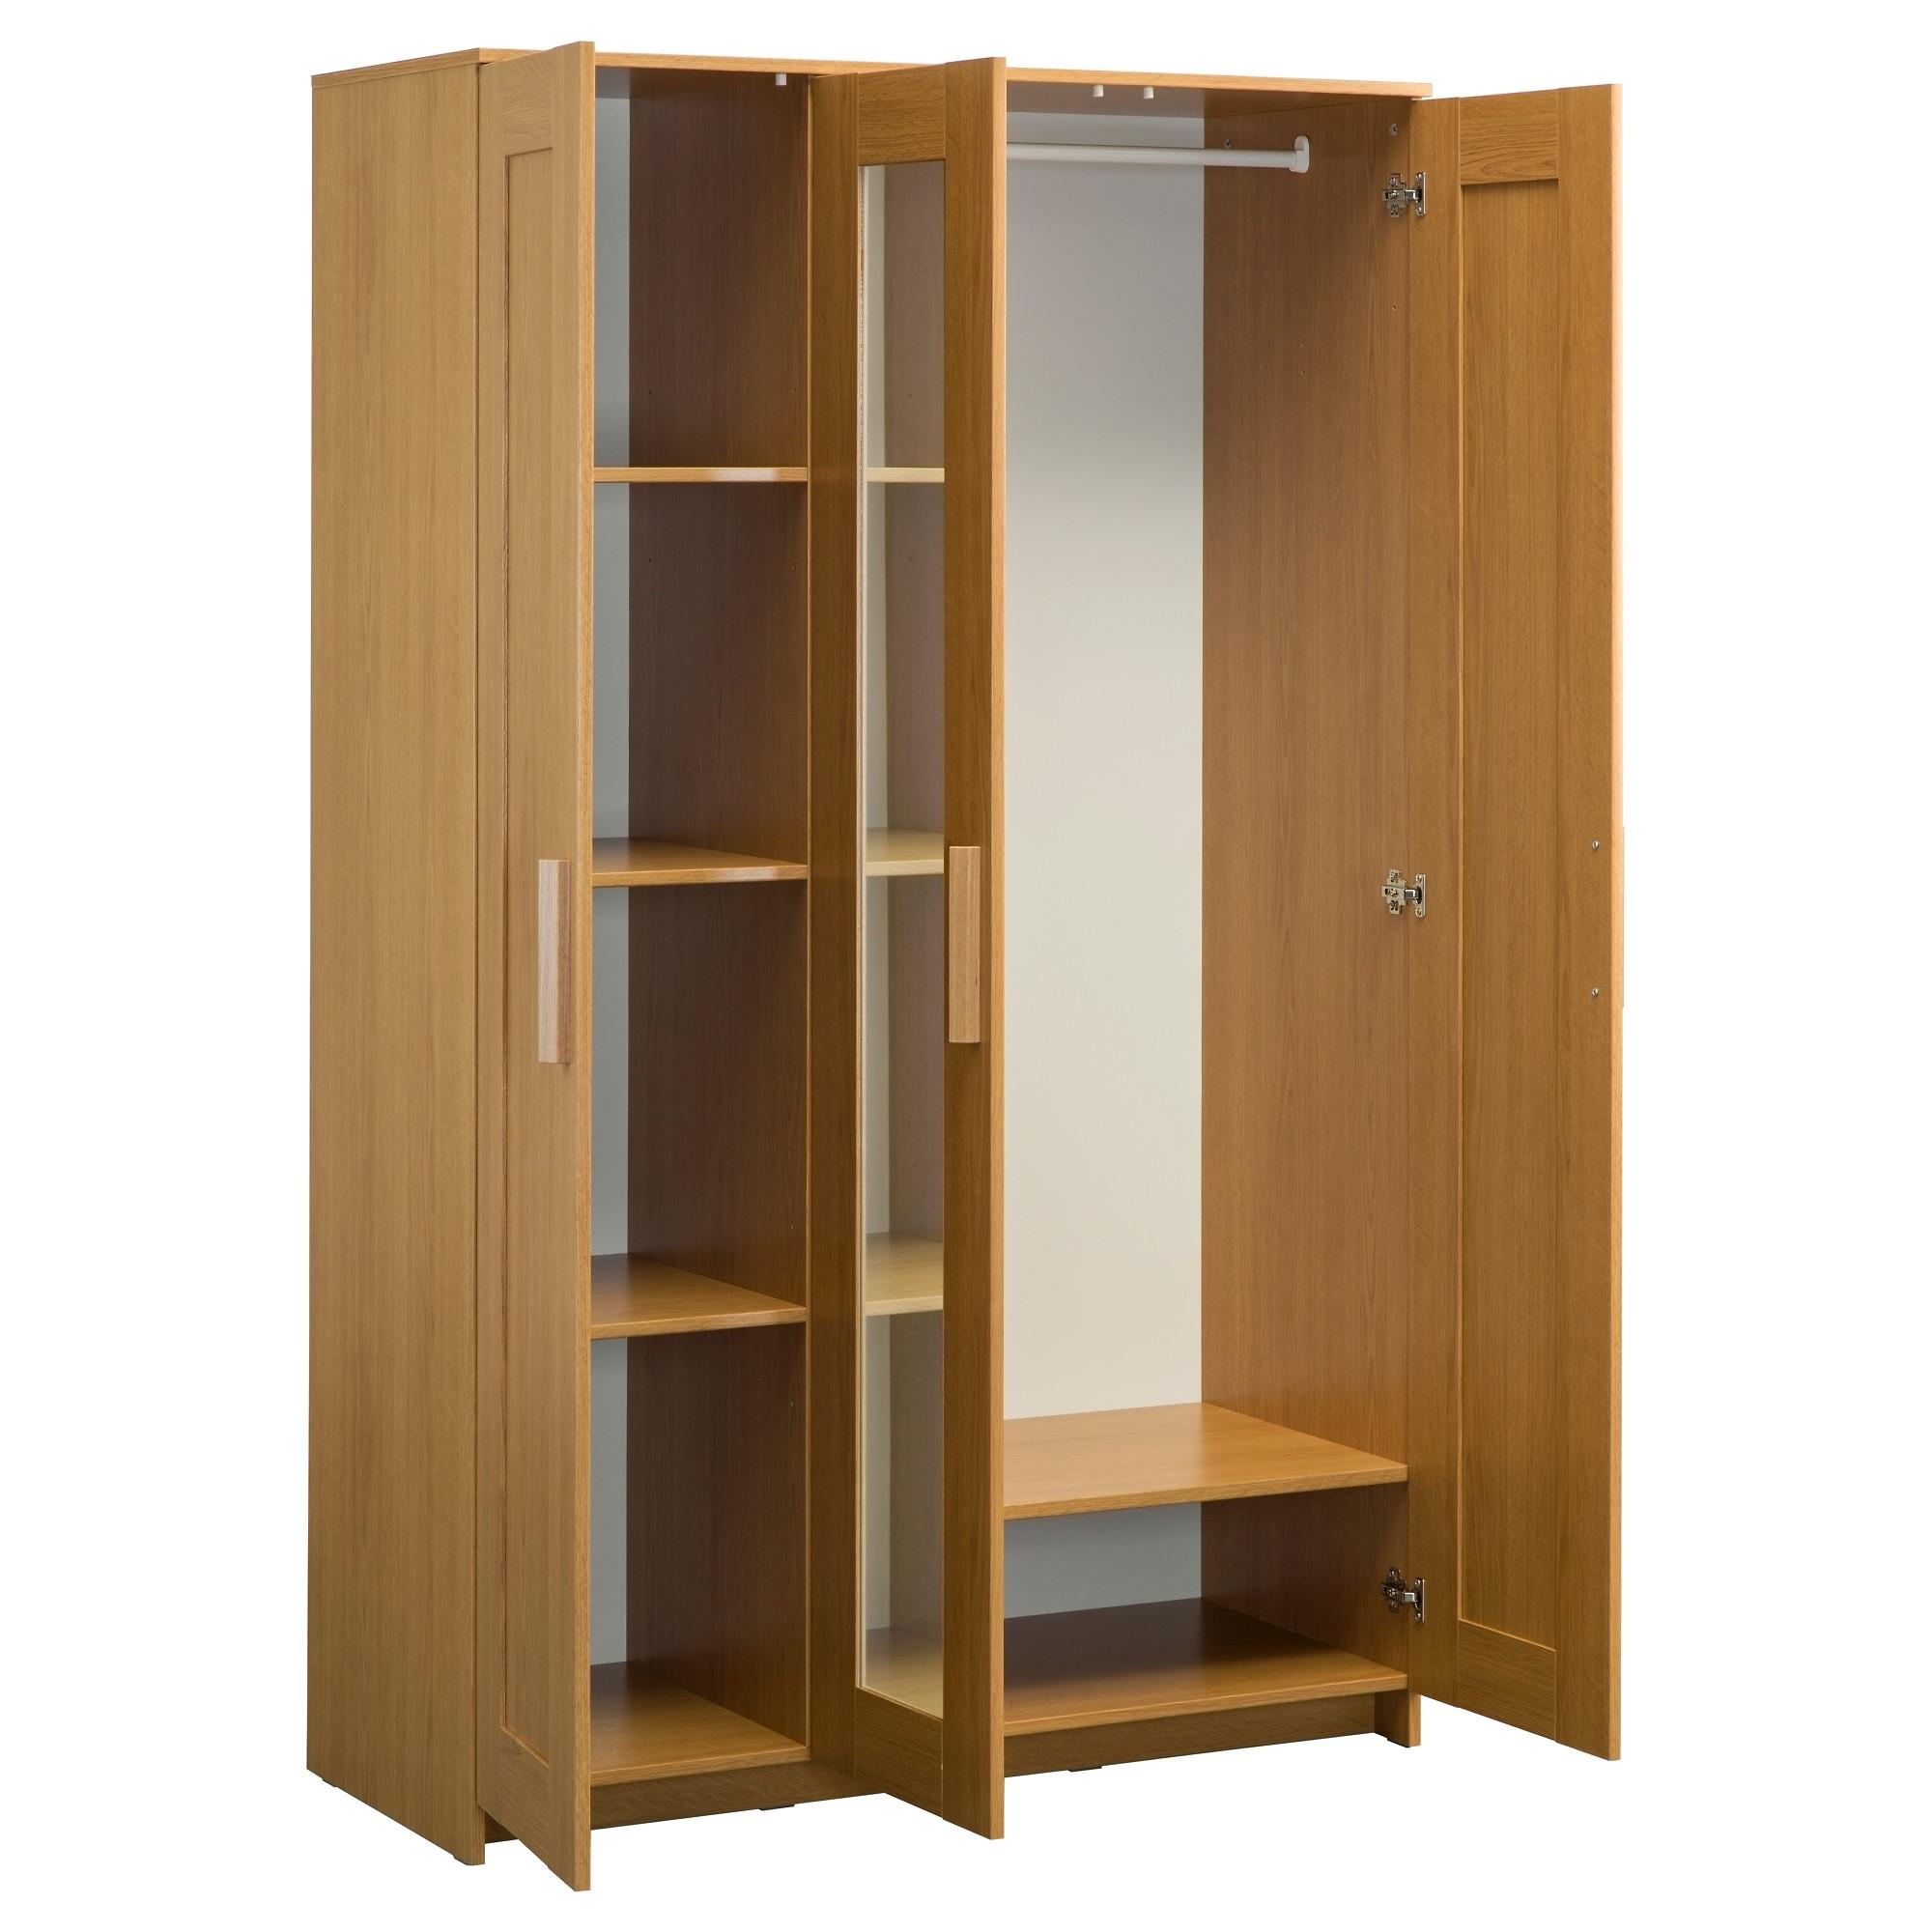 Fashionable Brimnes Wardrobe With 3 Doors Oak Effect 117X190 Cm – Ikea With Regard To Oak 3 Door Wardrobes (View 3 of 15)